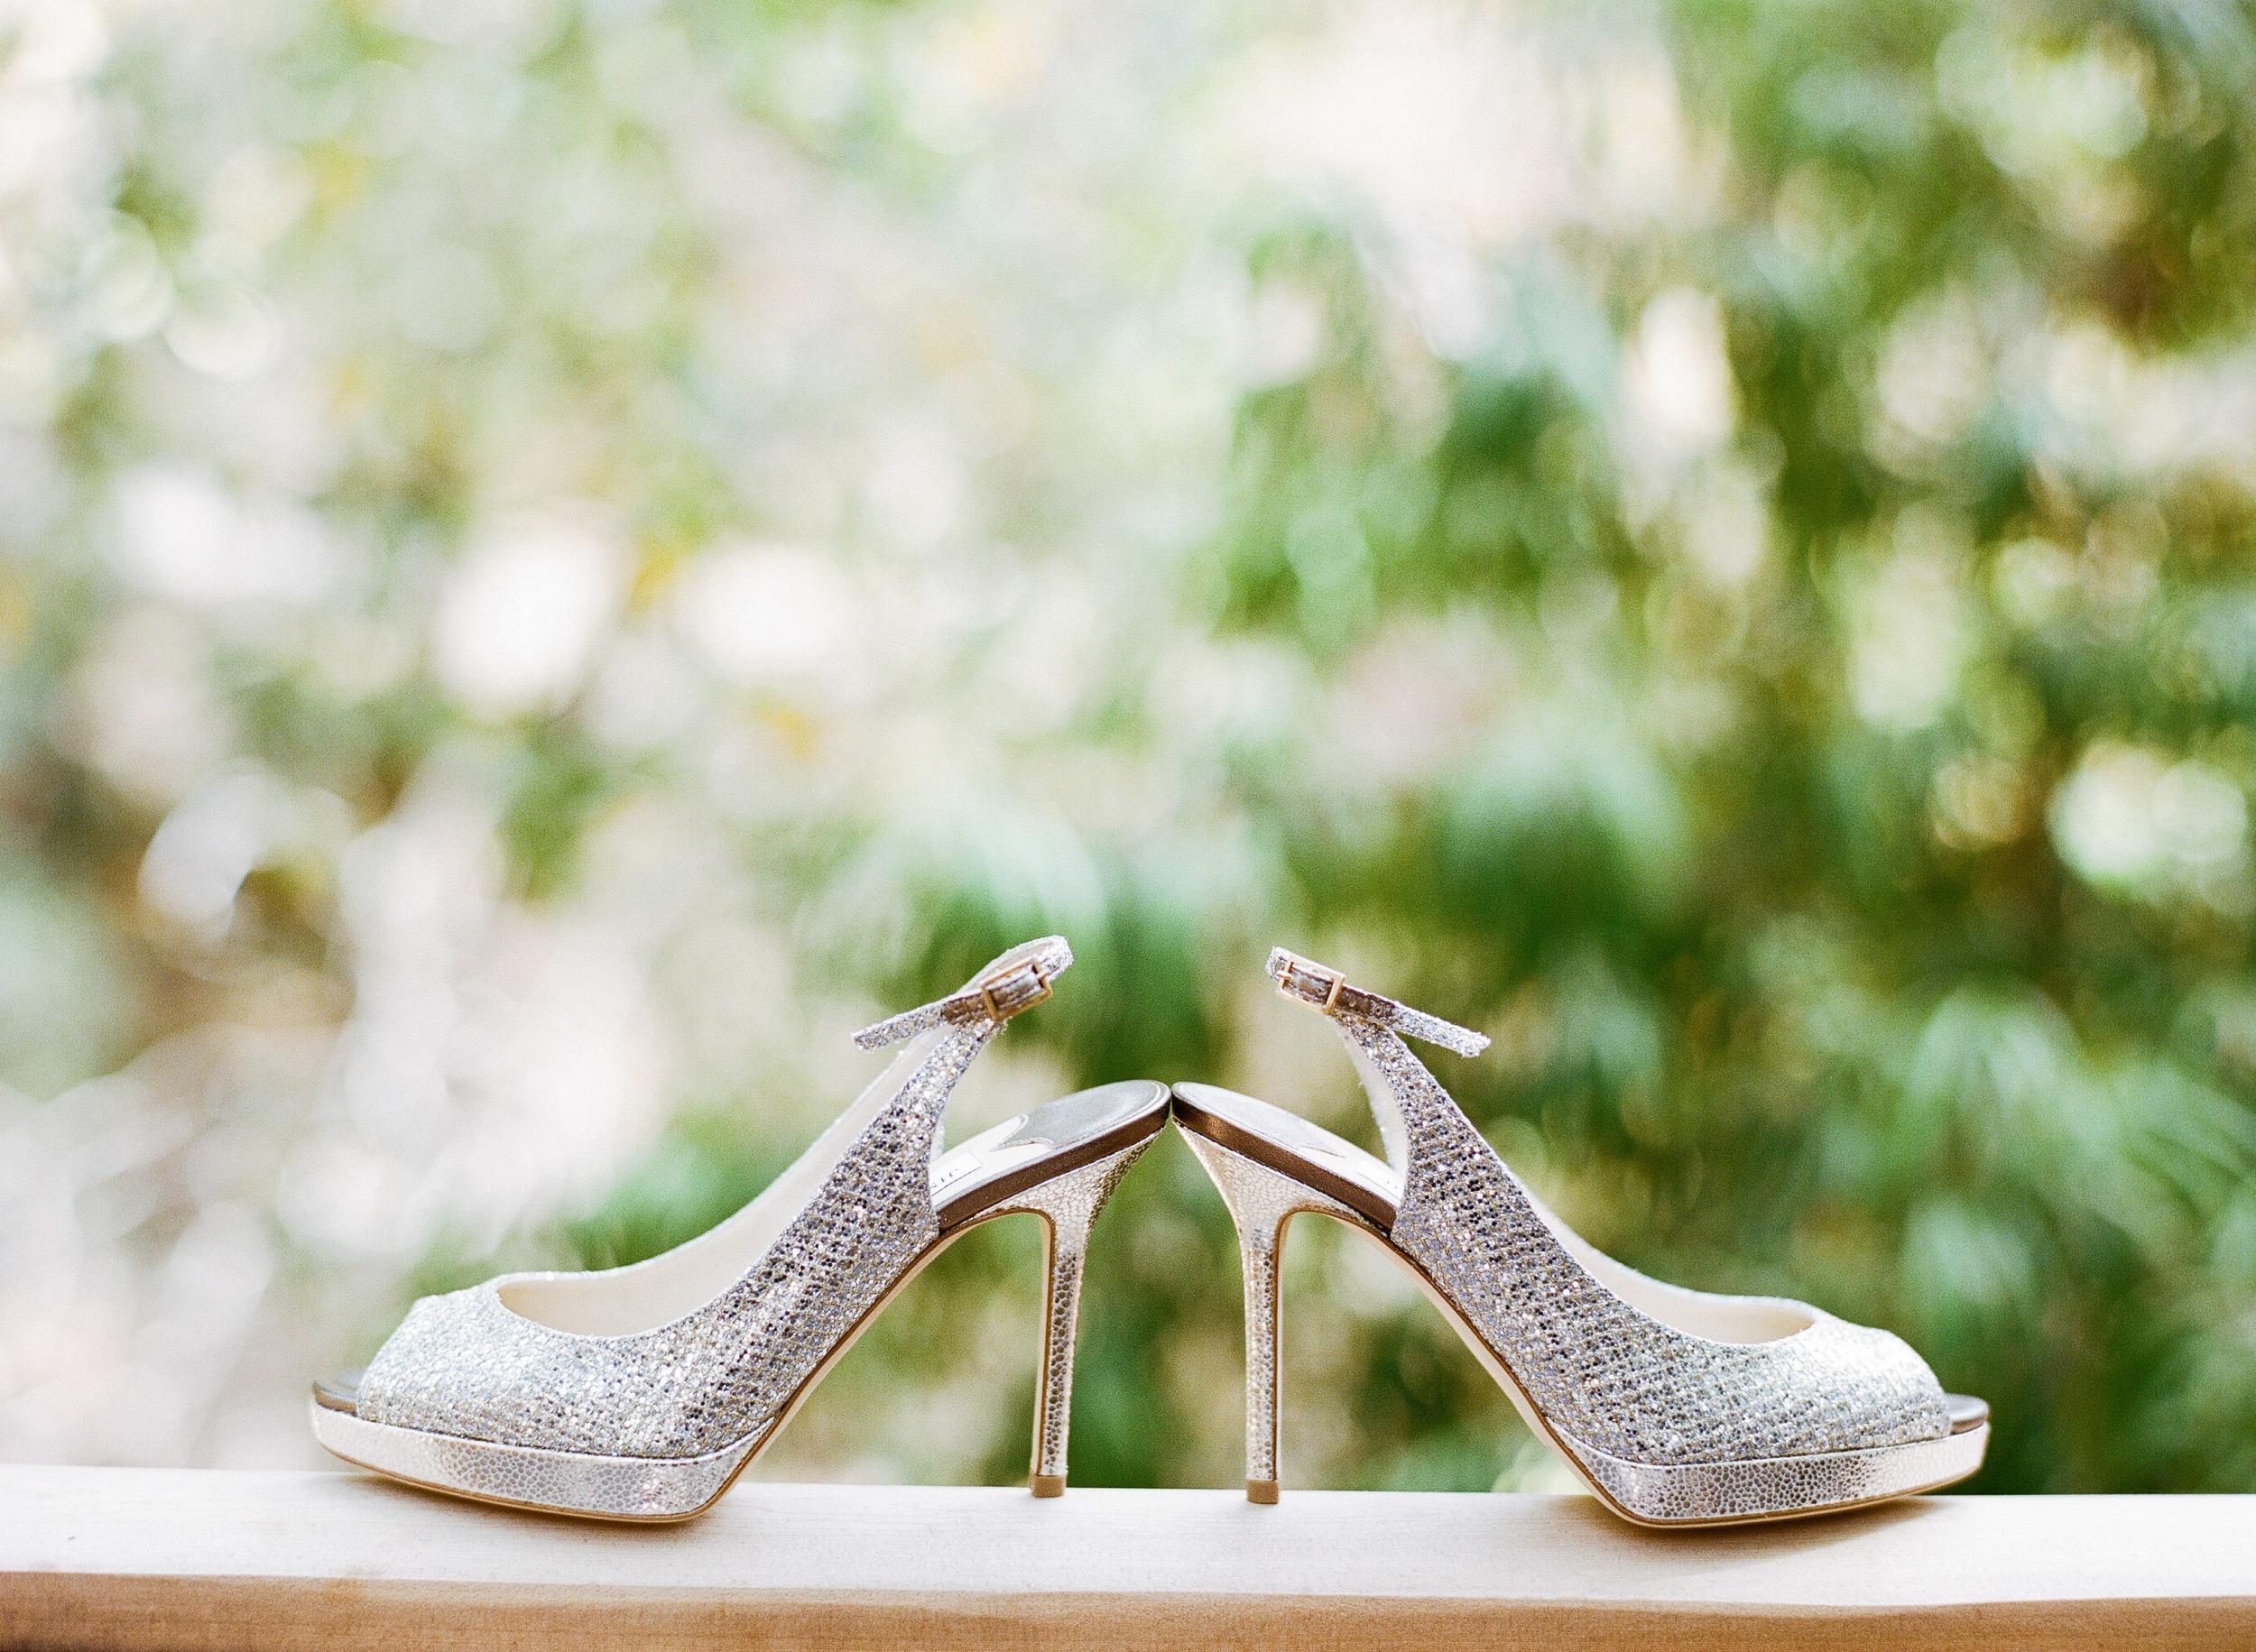 SylvieGil-Bride, Ceremony, Family, film, Groom, Napa, Reception, Wedding, Wedding Party-2.jpg